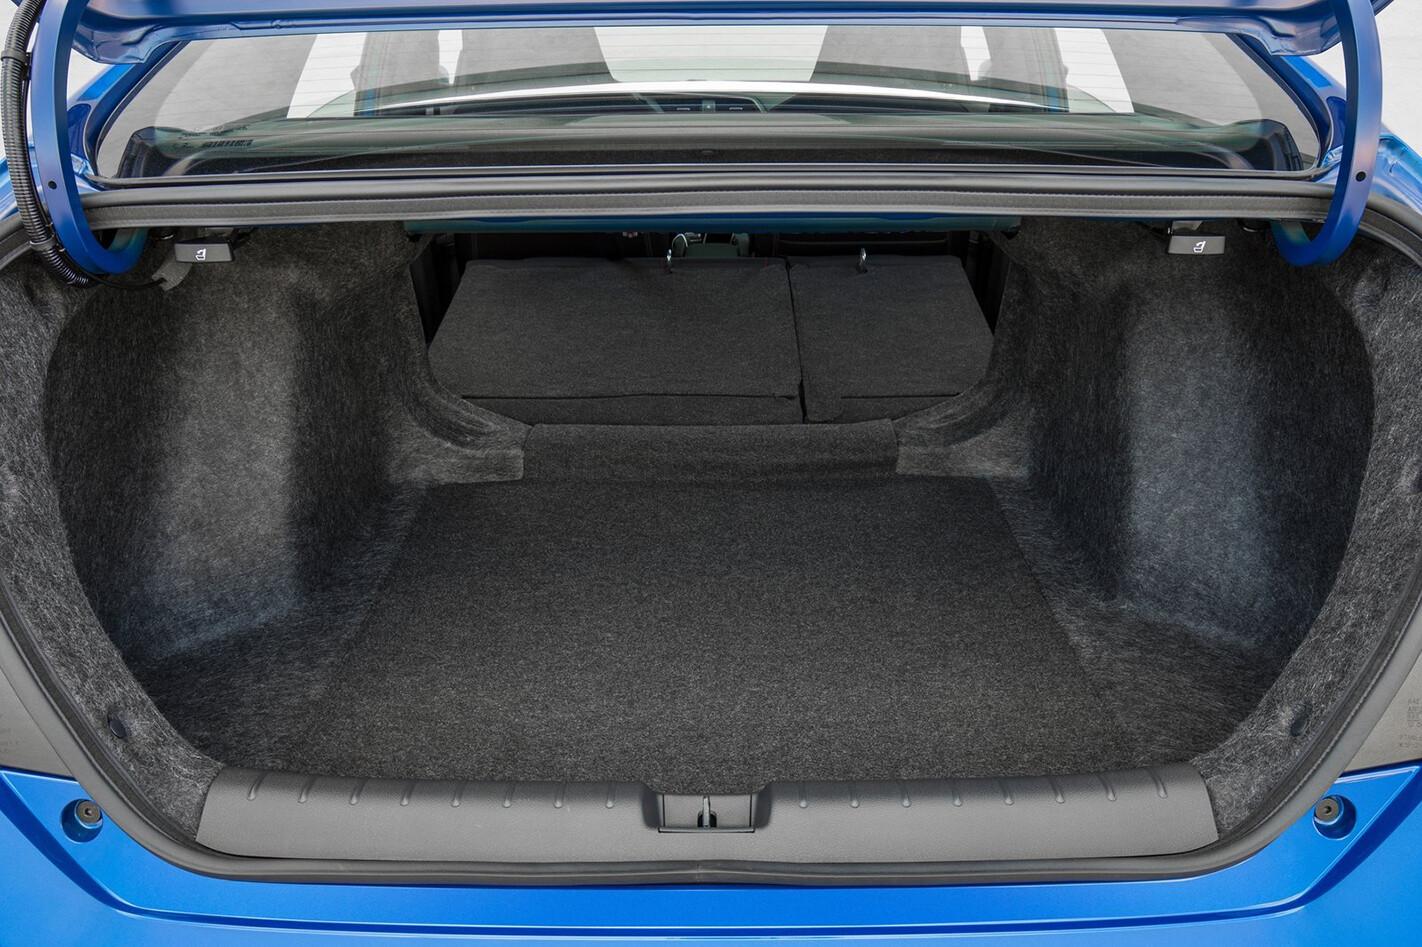 Honda Civic sedan boot